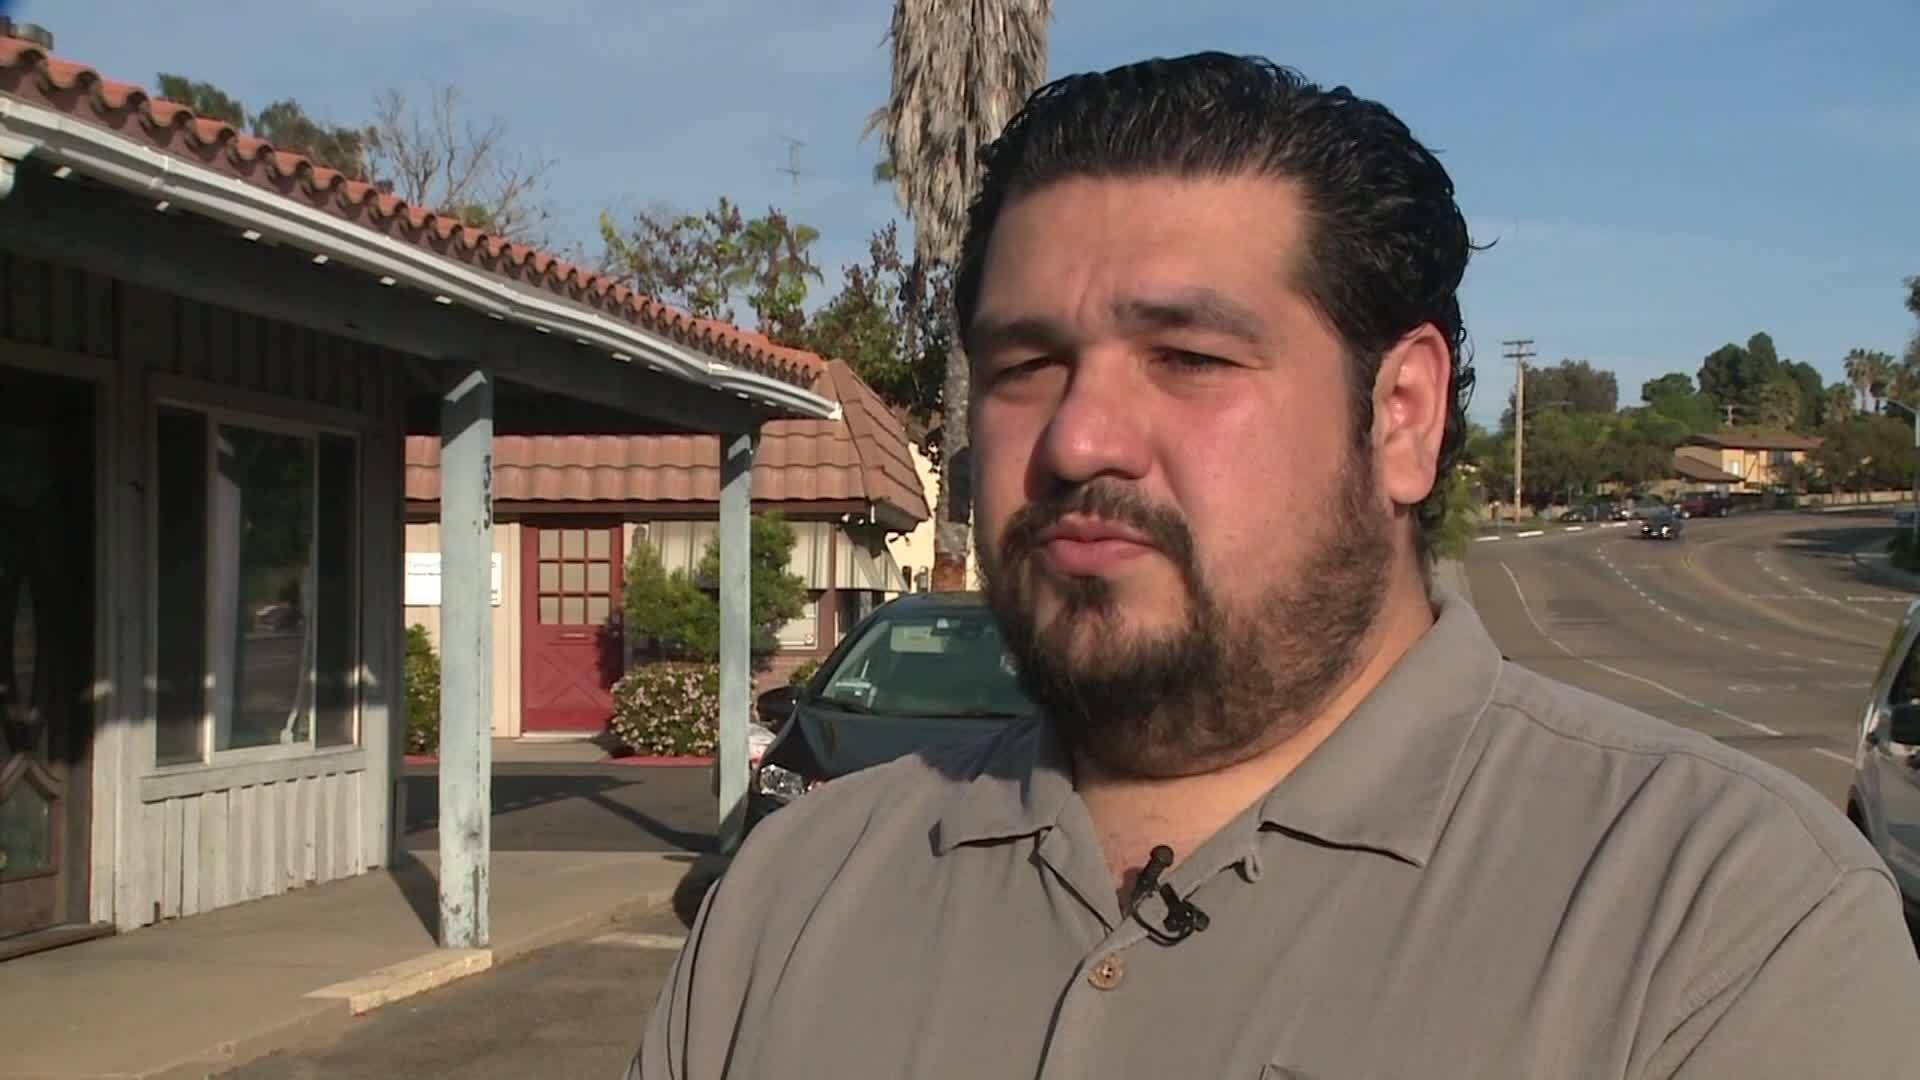 VIDEO: Teen attacked at Chula Vista taco shop